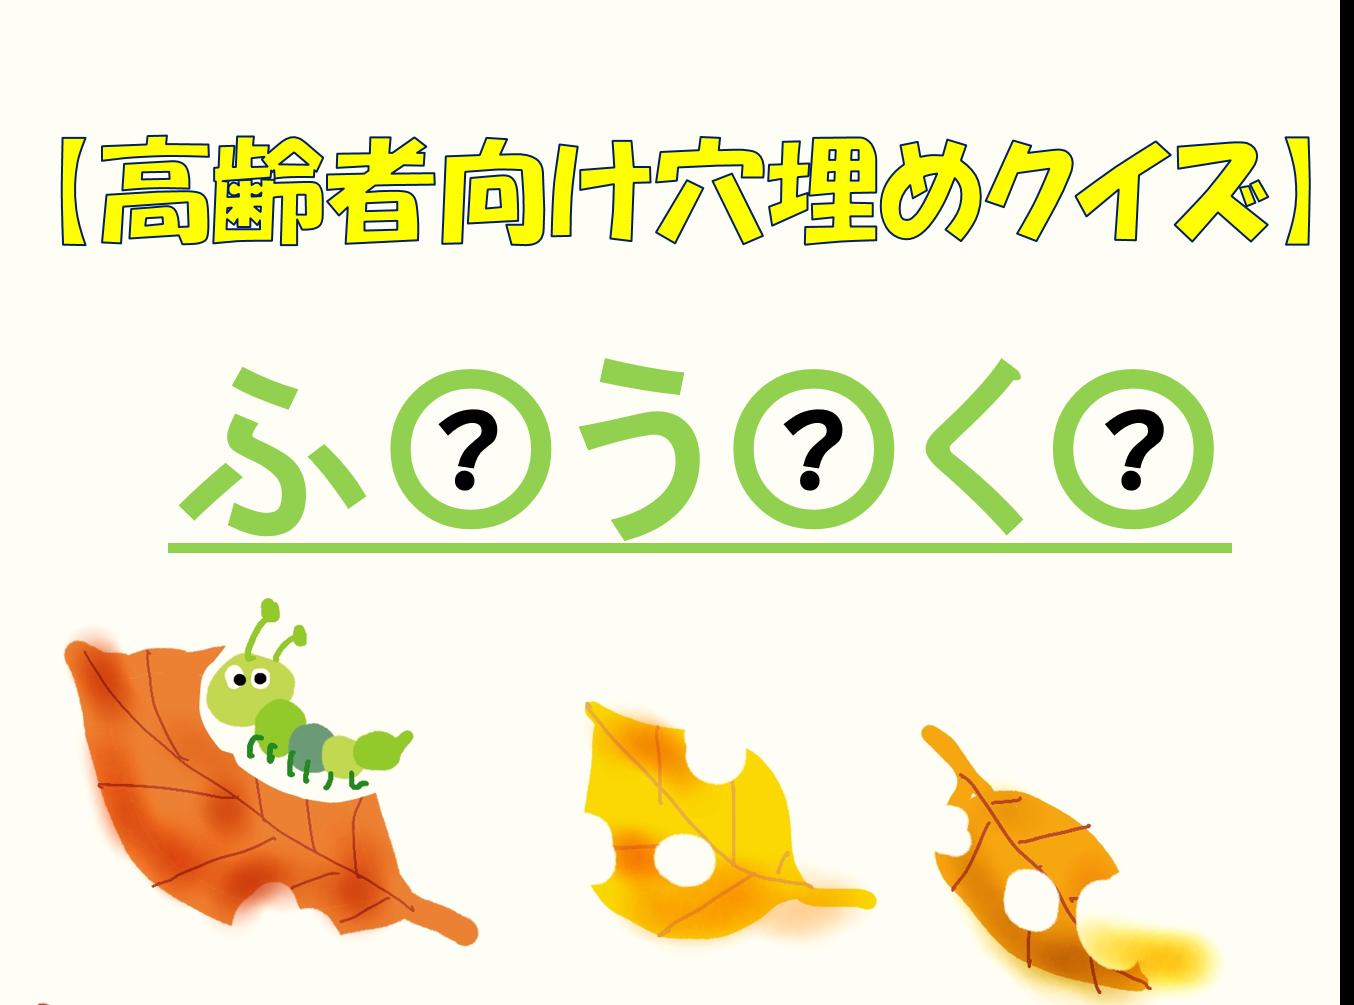 【高齢者向け】虫食いクイズ30問!!ヒント付き!問題を解いて脳活性!